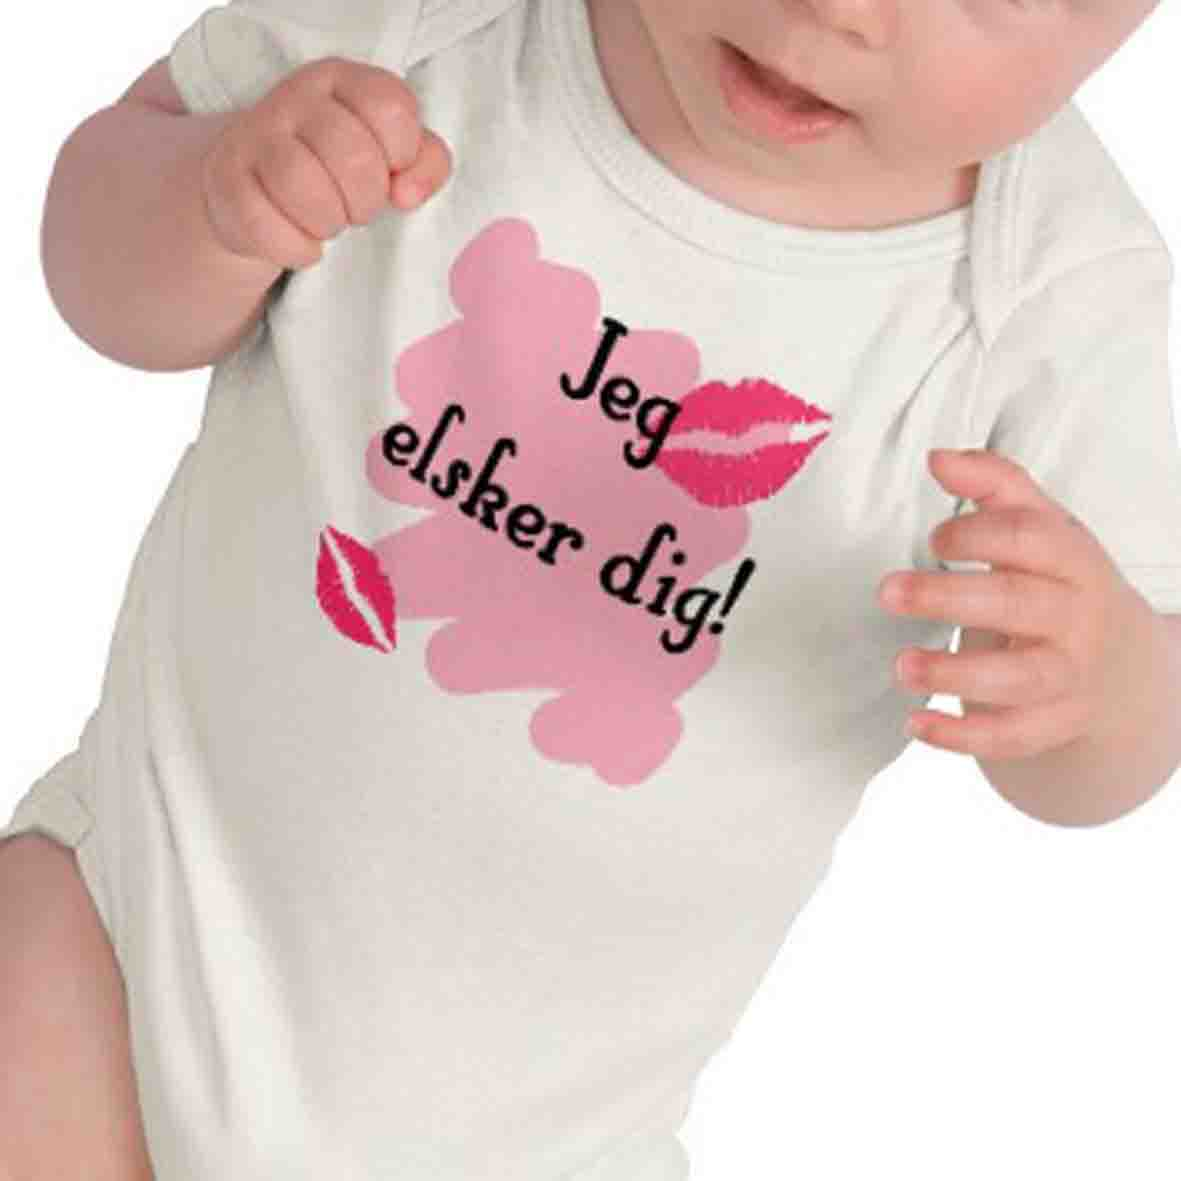 http://4.bp.blogspot.com/_XJpefzgJrLU/TB9OtO_WXAI/AAAAAAAAA4E/J7nkJdmi4l8/s1600/je+t%27aime+tee-shirts_22.jpg